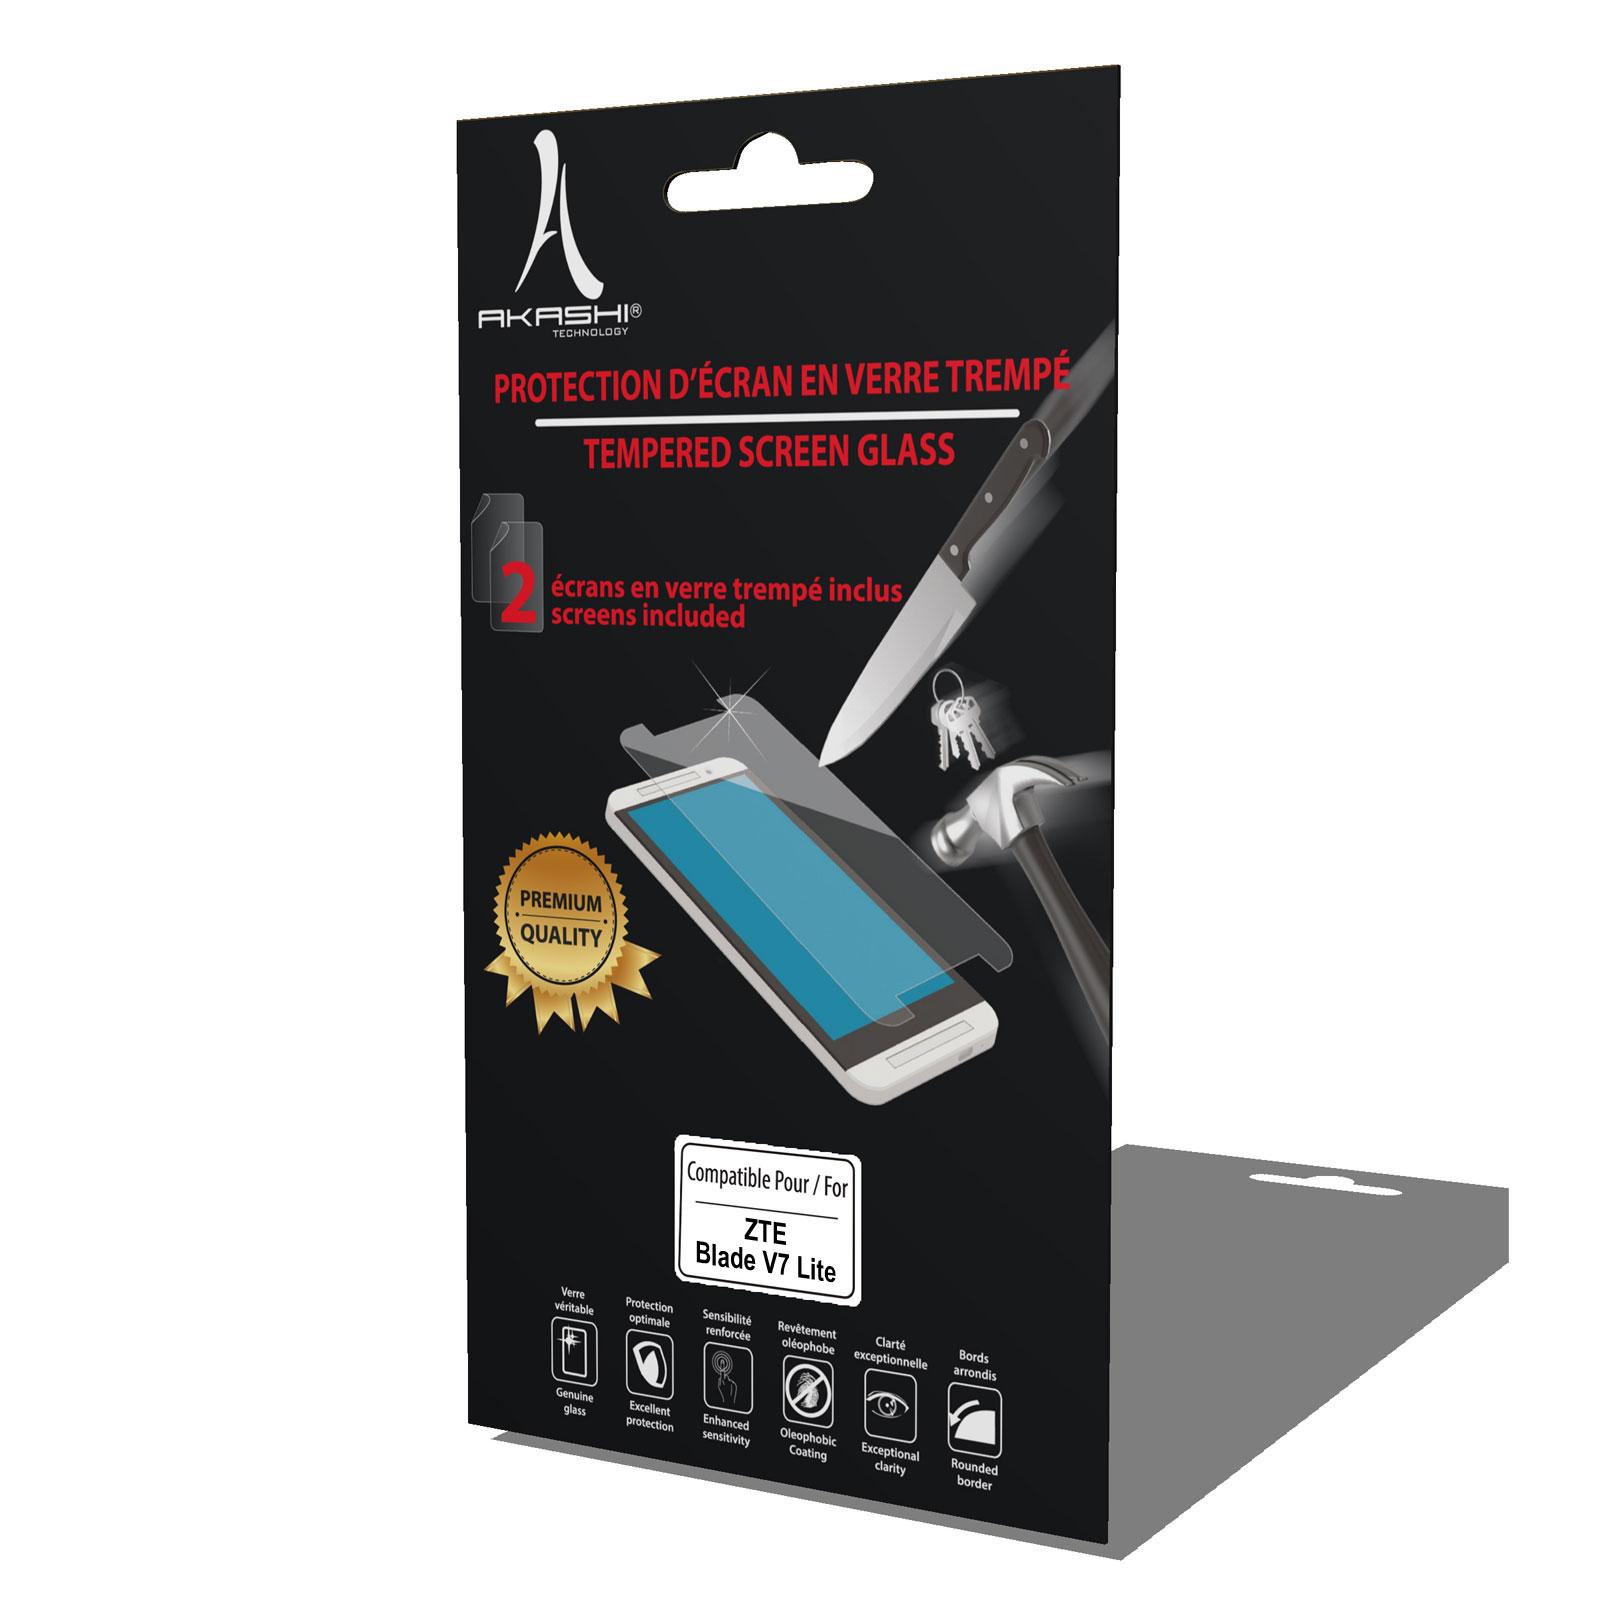 Film protecteur téléphone Akashi Verre Trempé Premium Blade V7 Lite Lot de 2 films de protection d'écran en verre trempé pour ZTE Blade V7 Lite